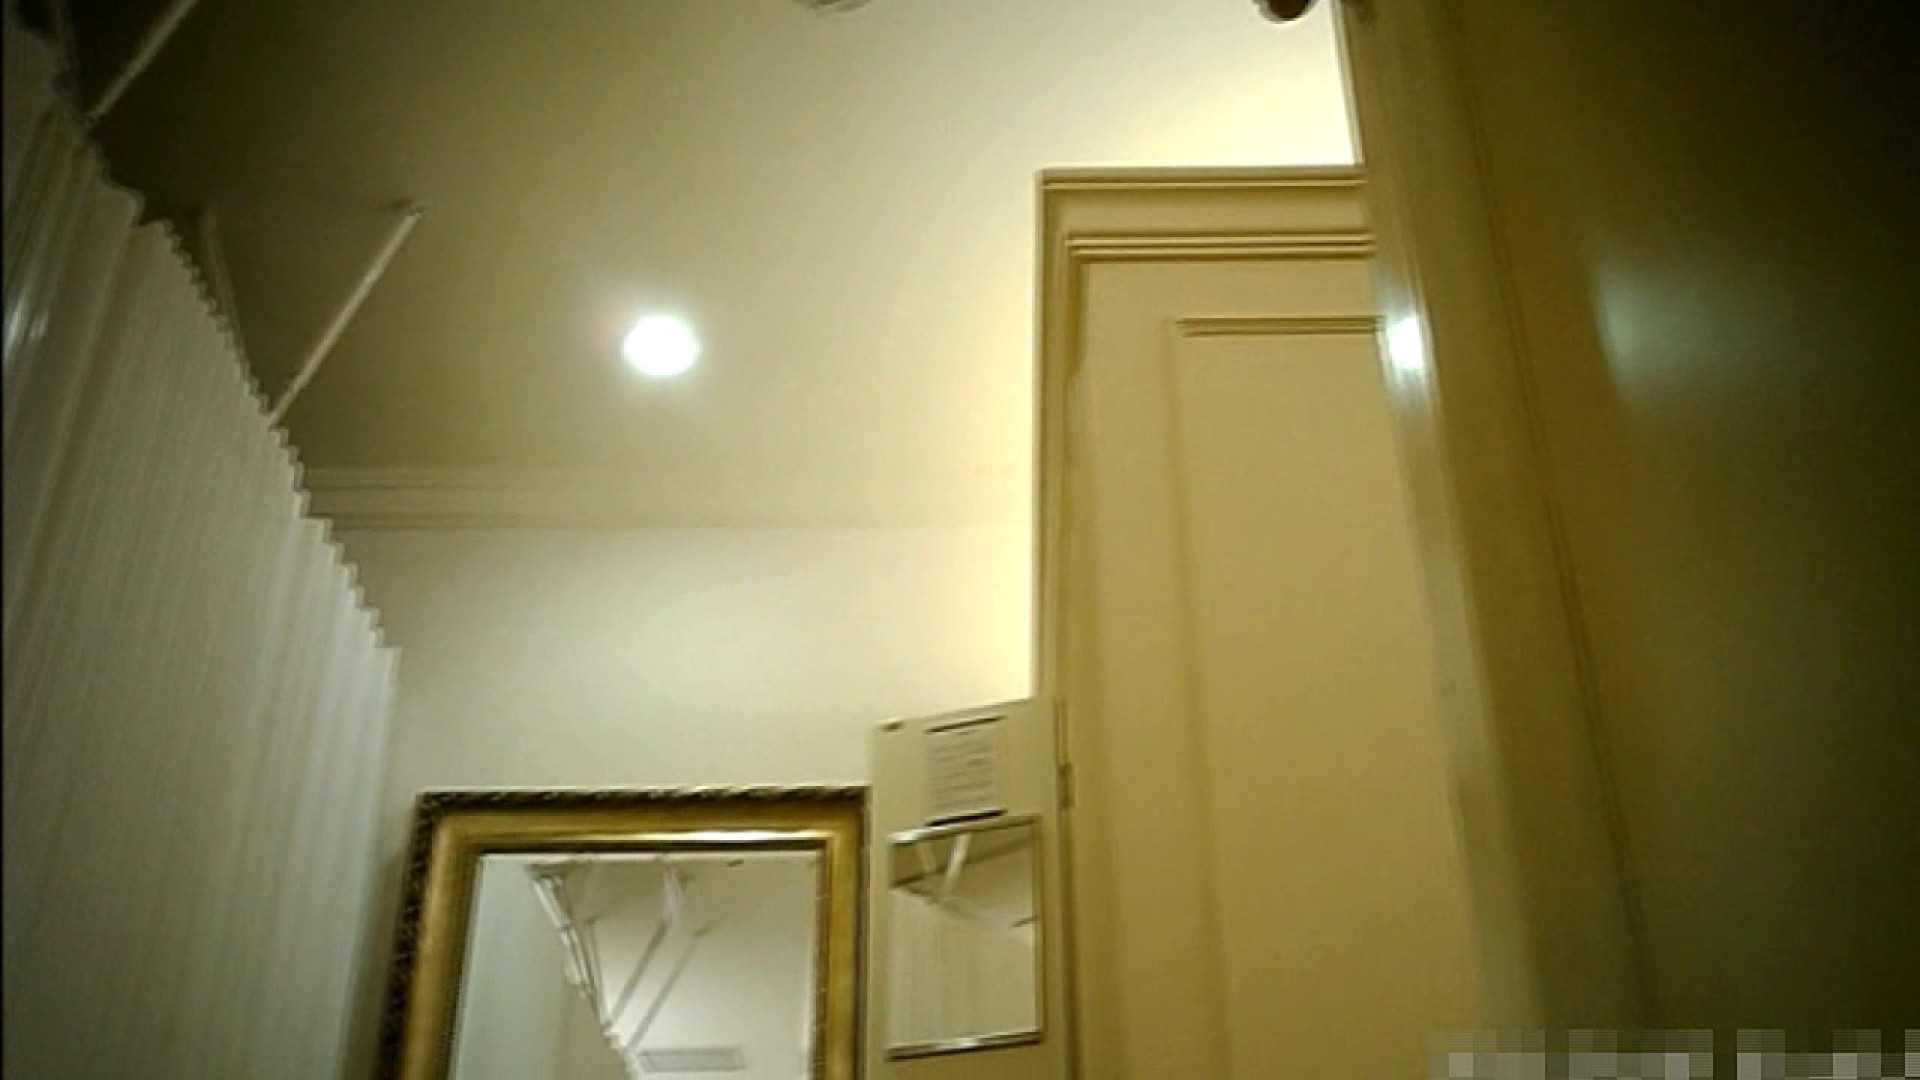 魔術師の お・も・て・な・し vol.07 19歳巨乳ギャルの入浴撮影 現役ギャル  95pic 30